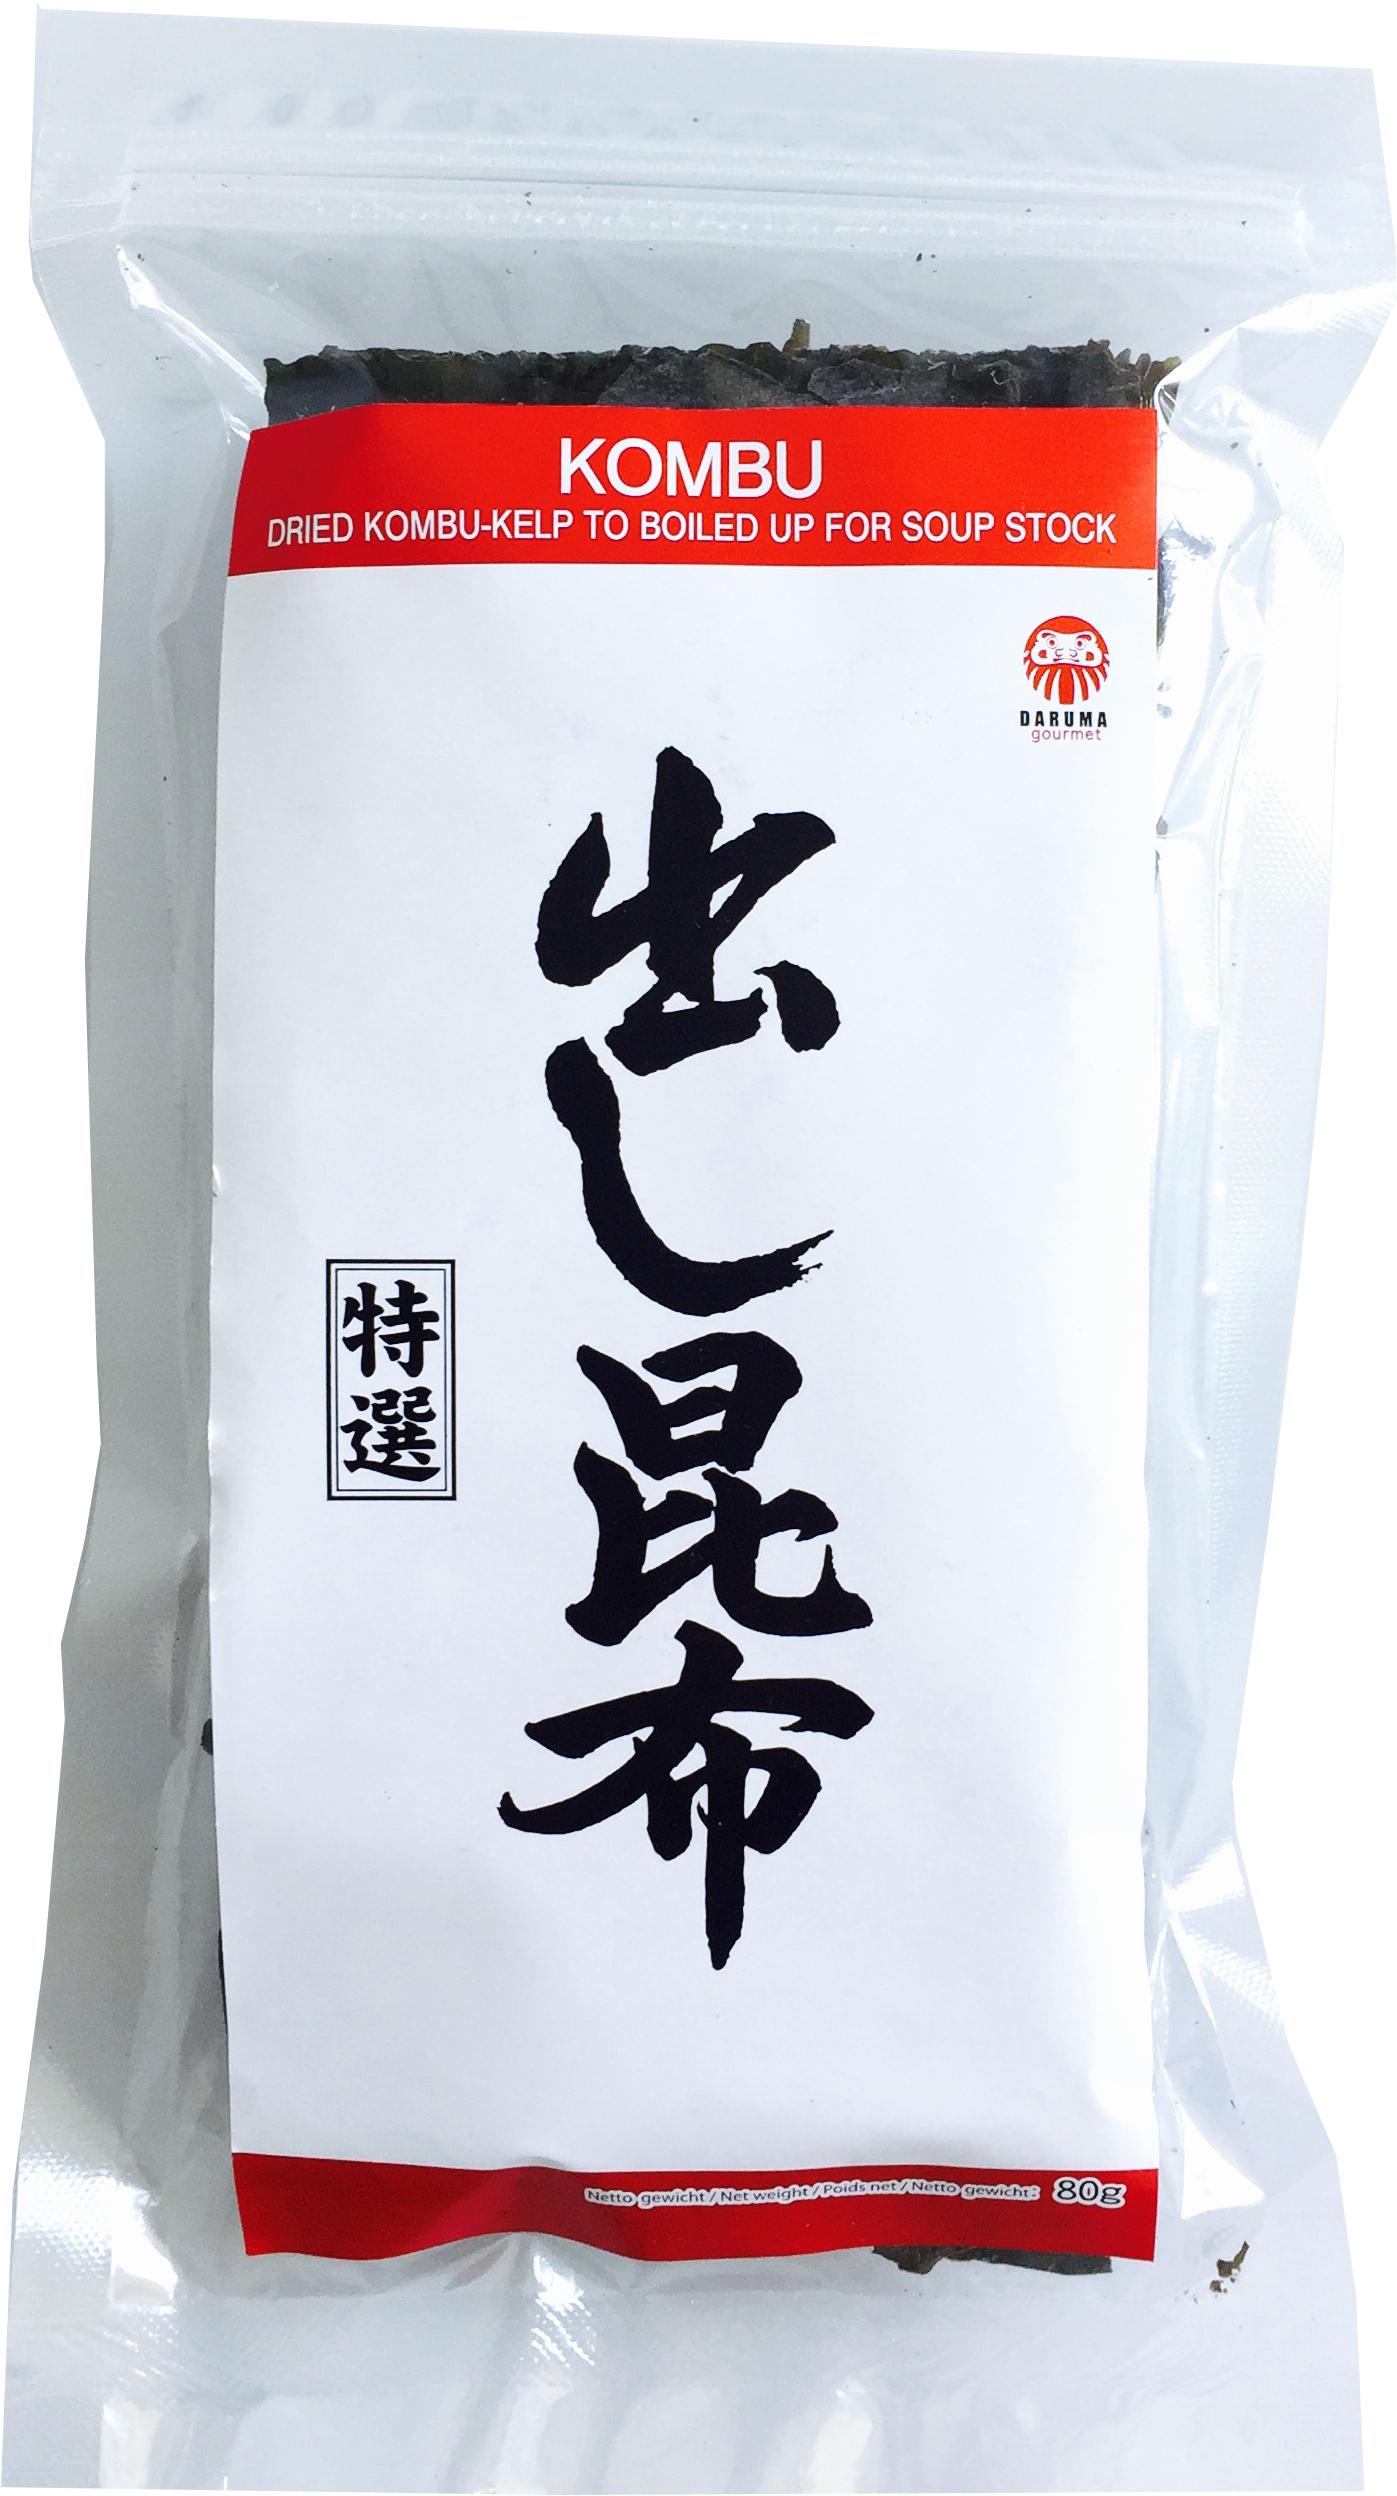 getrocknete Kombu Algen - Dried Kombu-Kelp to boild up for soup stock